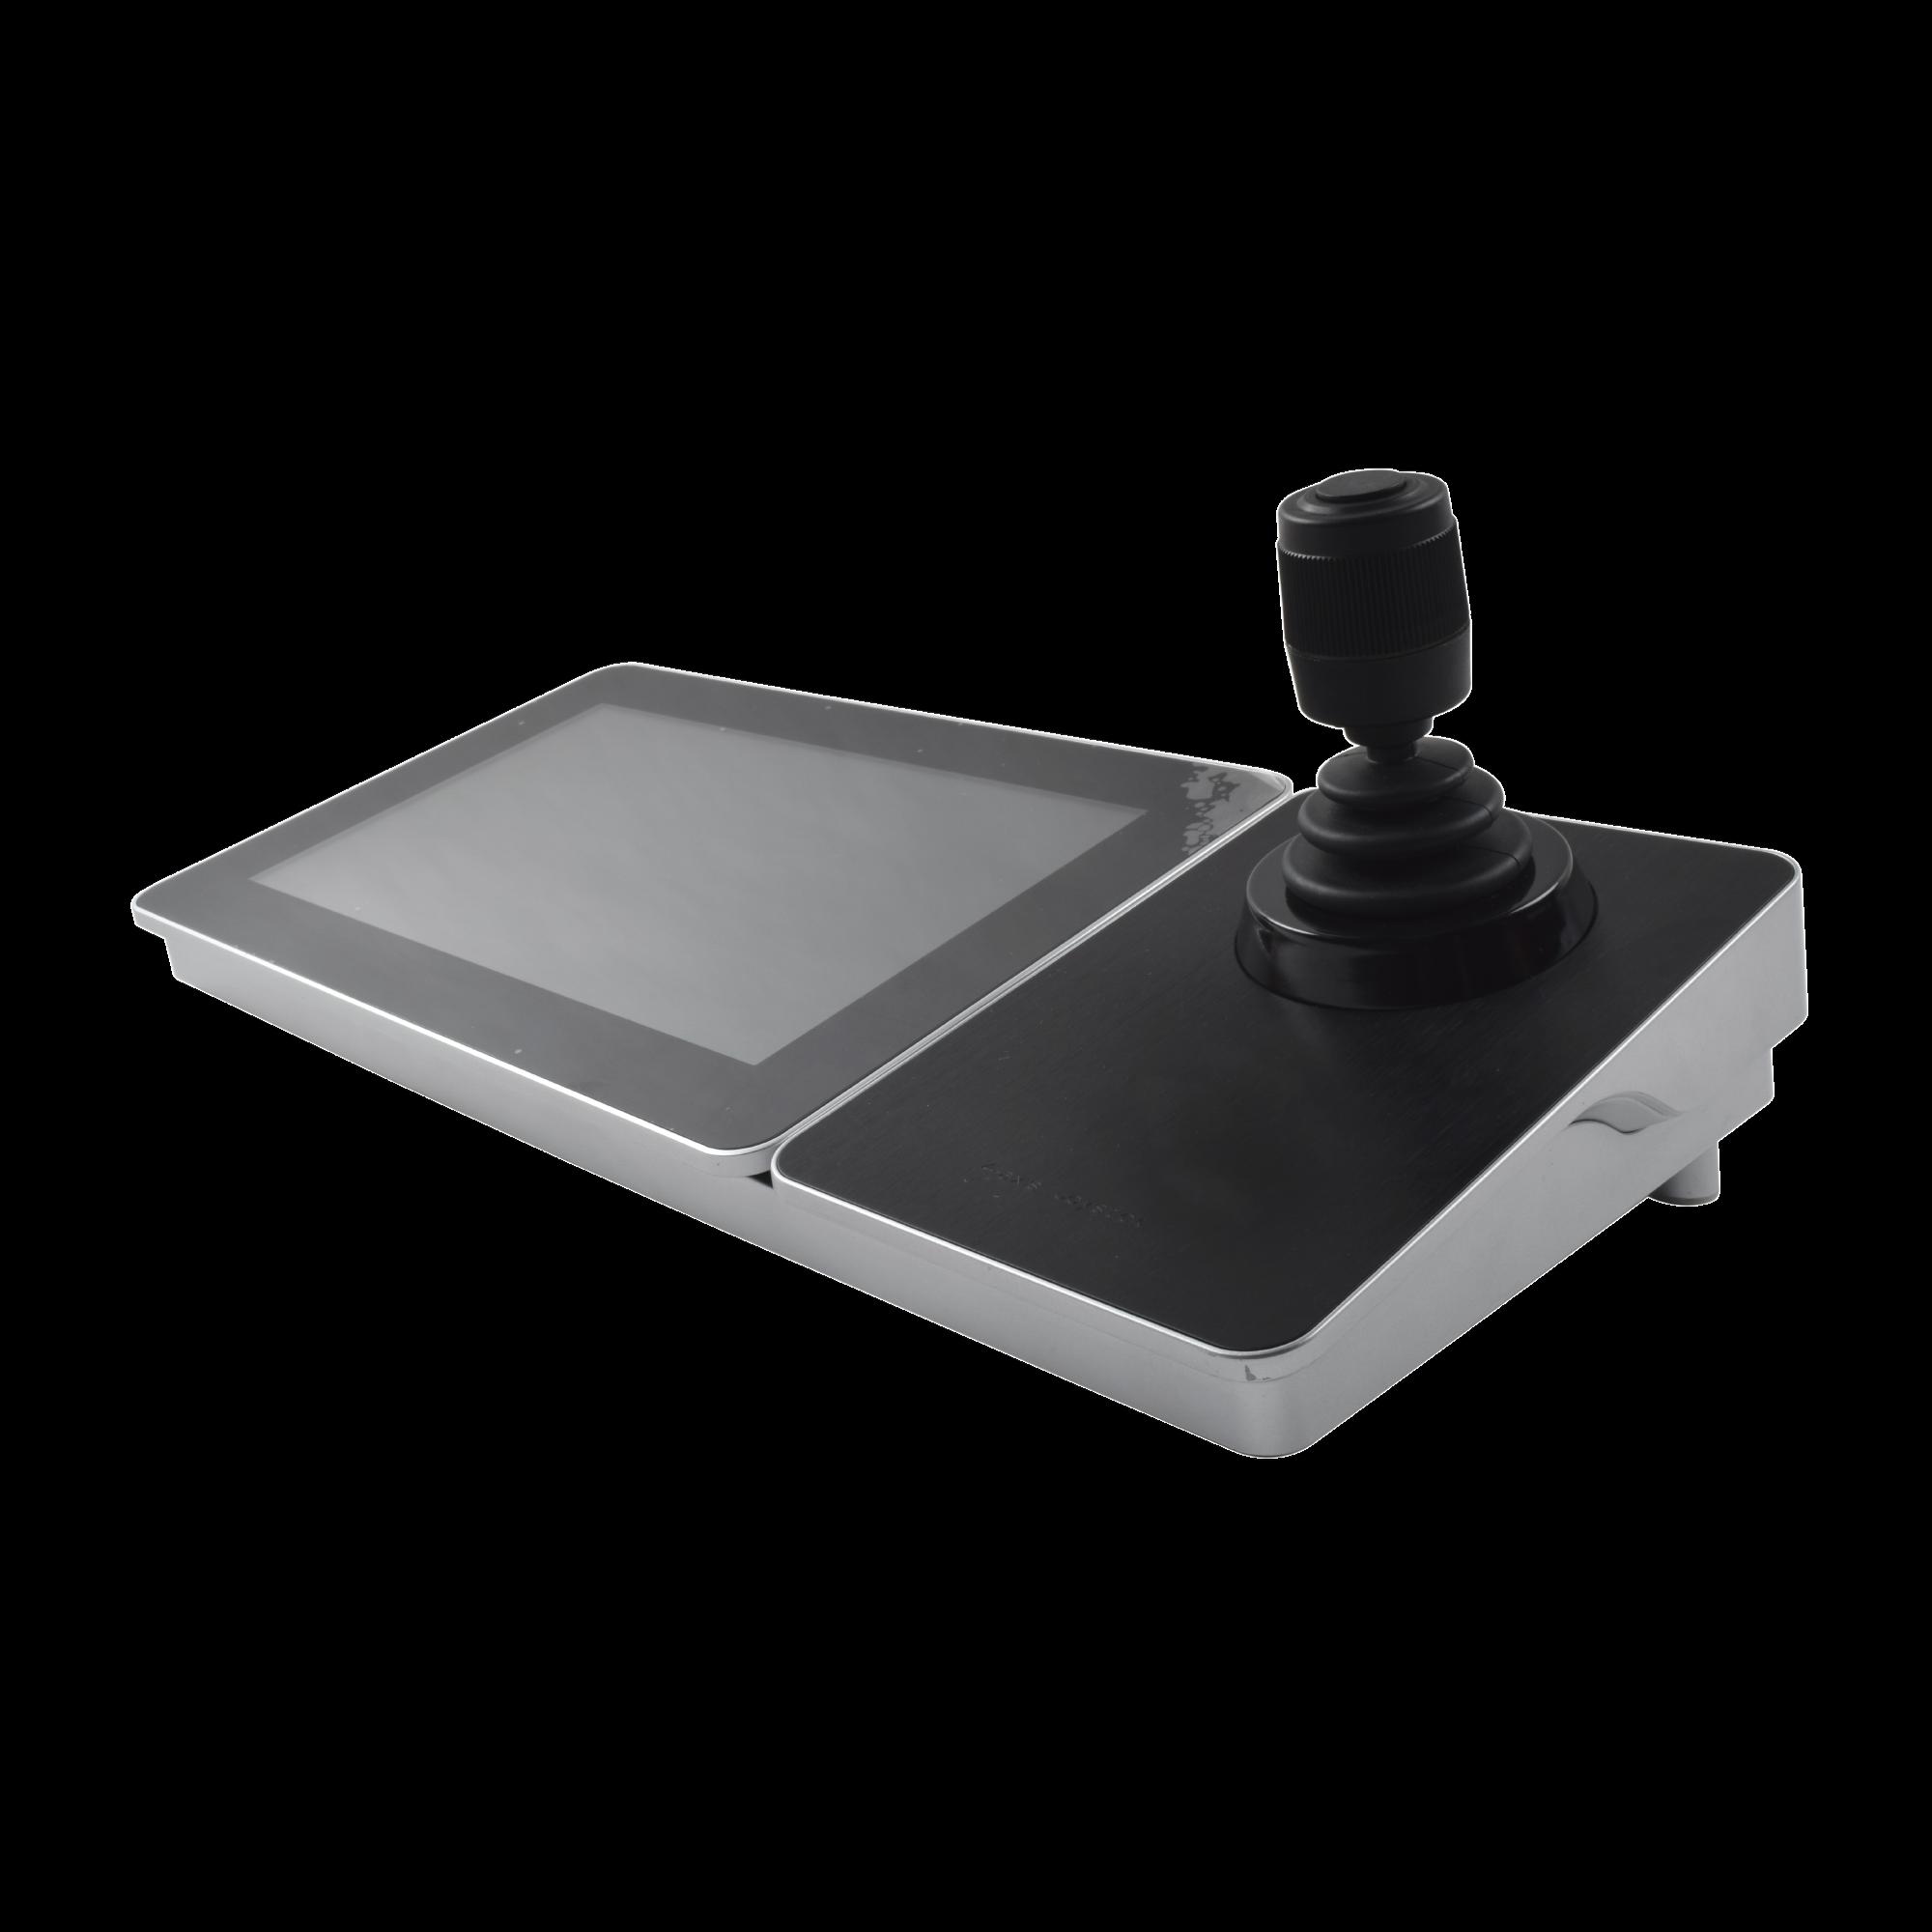 Controlador IP (Joystick) con Pantalla Táctil de 10.1 / S.O. Android ver. 4.4 / Compatible con cámaras IP, Domos IP / PTZ IP / DVRs y NVRs epcom, HiLook y HIKVISION